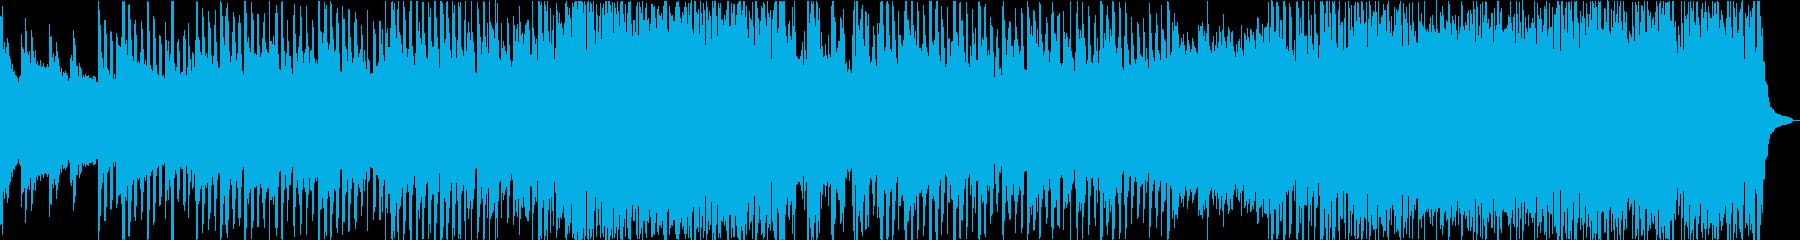 前向きで爽やかなトロピカルハウスの再生済みの波形